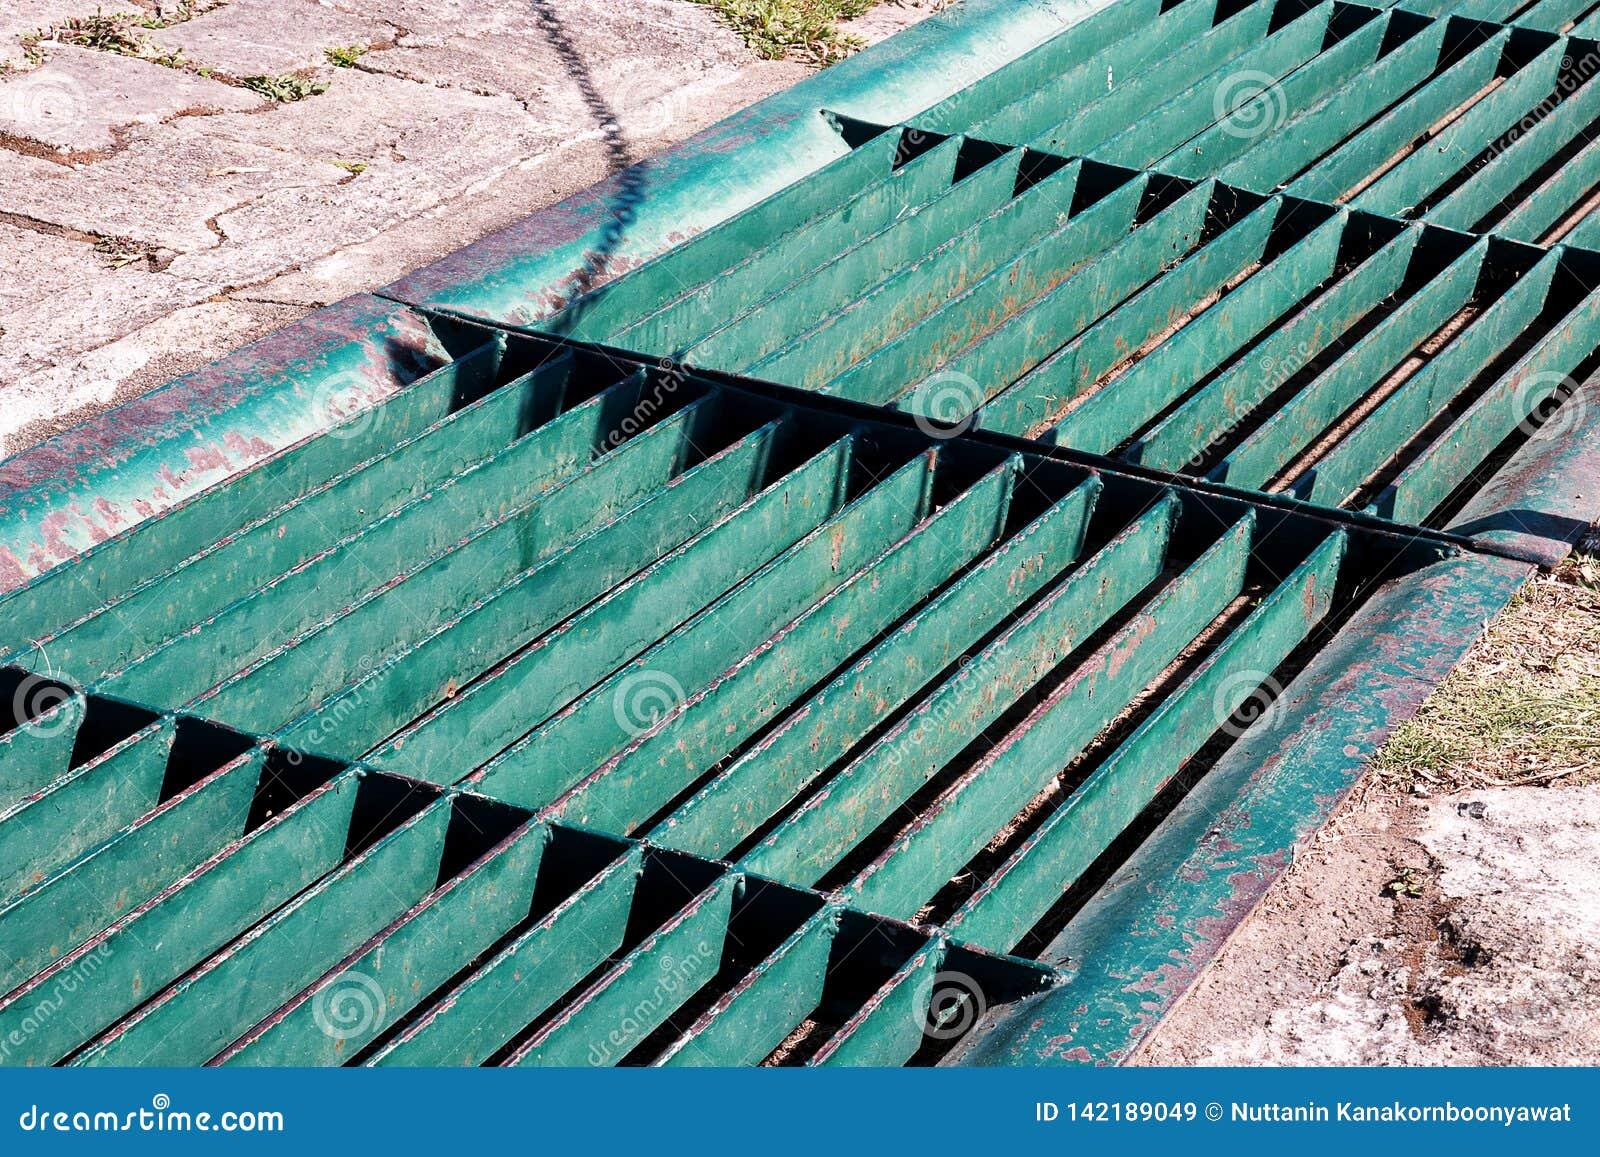 De rooster van het gotenafvoerkanaal, afvoerkanaaldekking Wegafvoerkanalen - riooldekking Ijzerrooster van waterafvoerkanaal op d